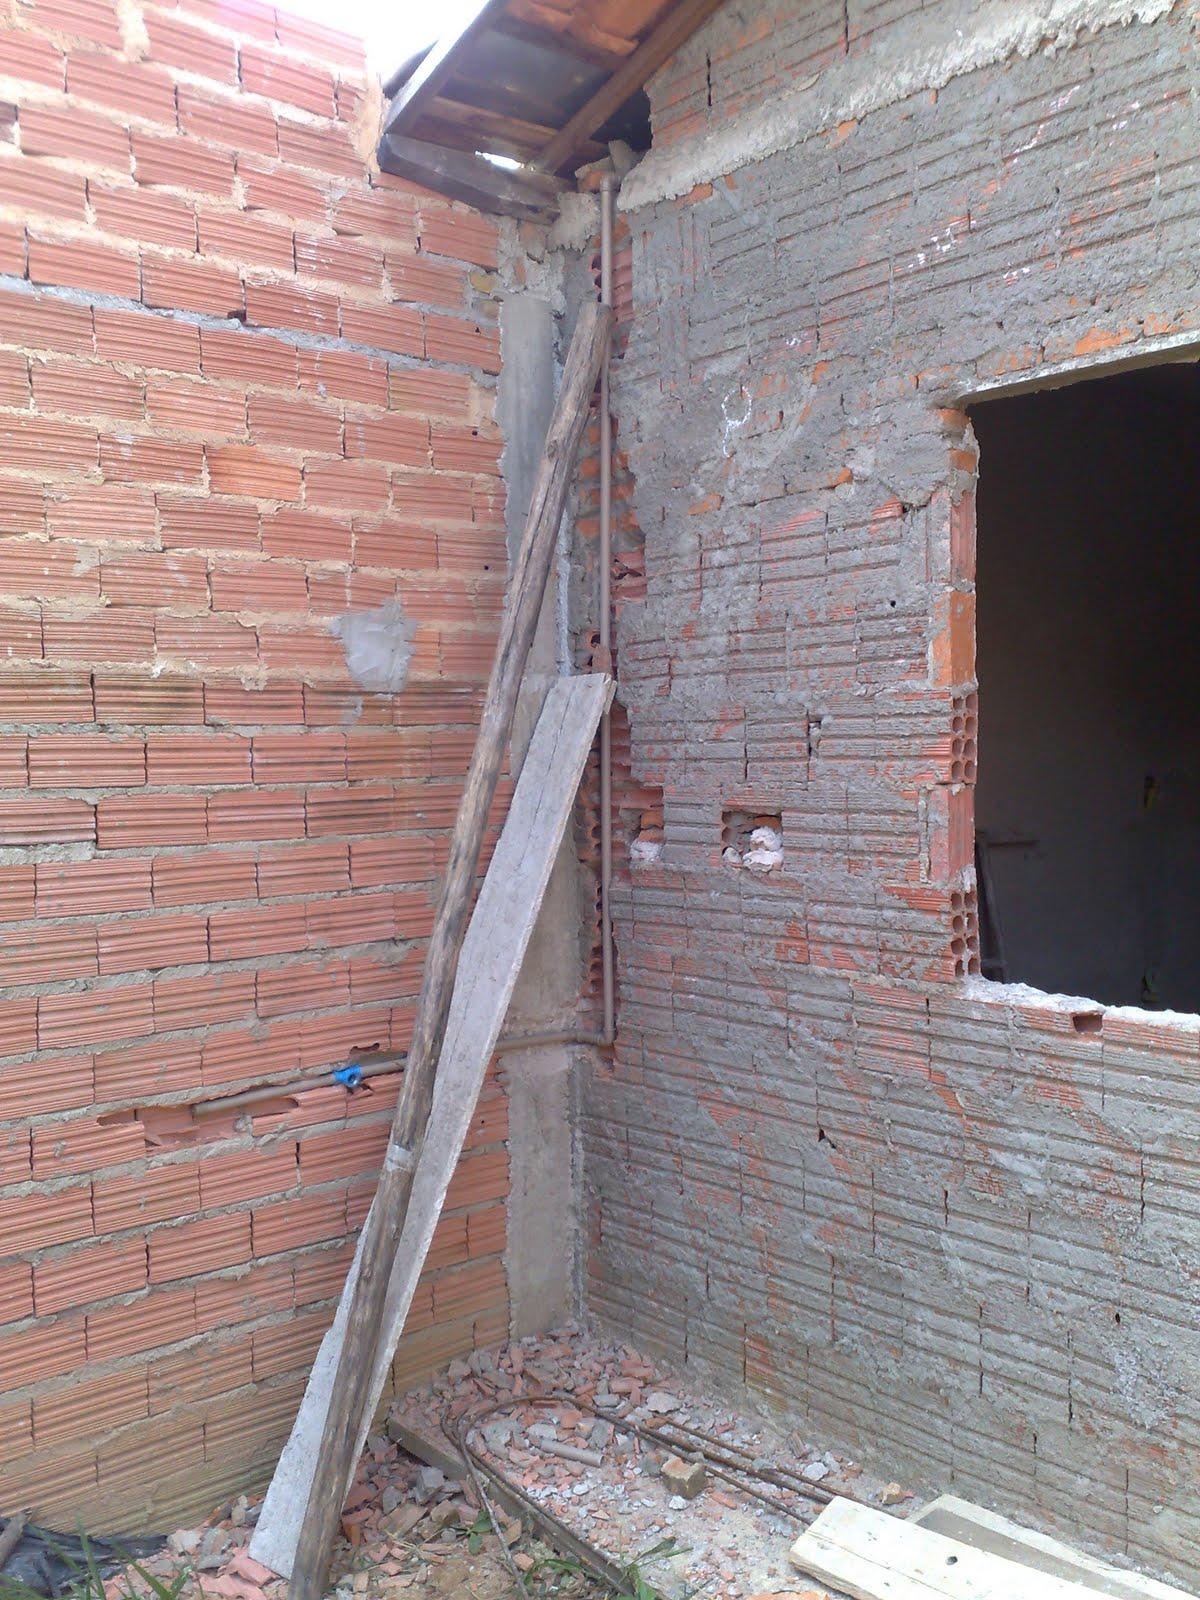 Fabuloso Passo a passo da construção da minha primeira casa: encanamento PY43